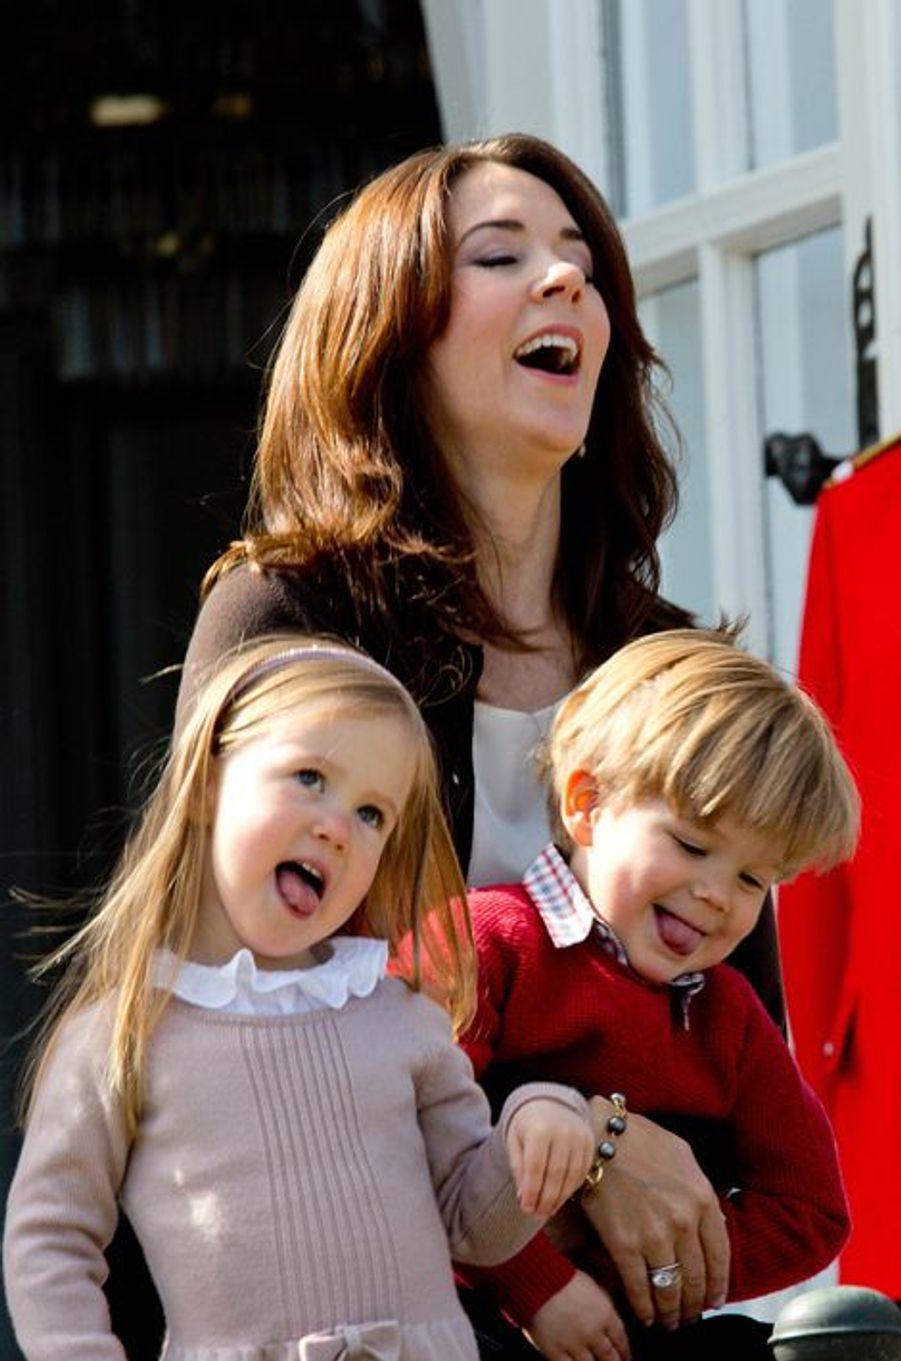 Joséphine et Vincent, enfants jumeaux de Mary et Frederik de Danemark, en 2014